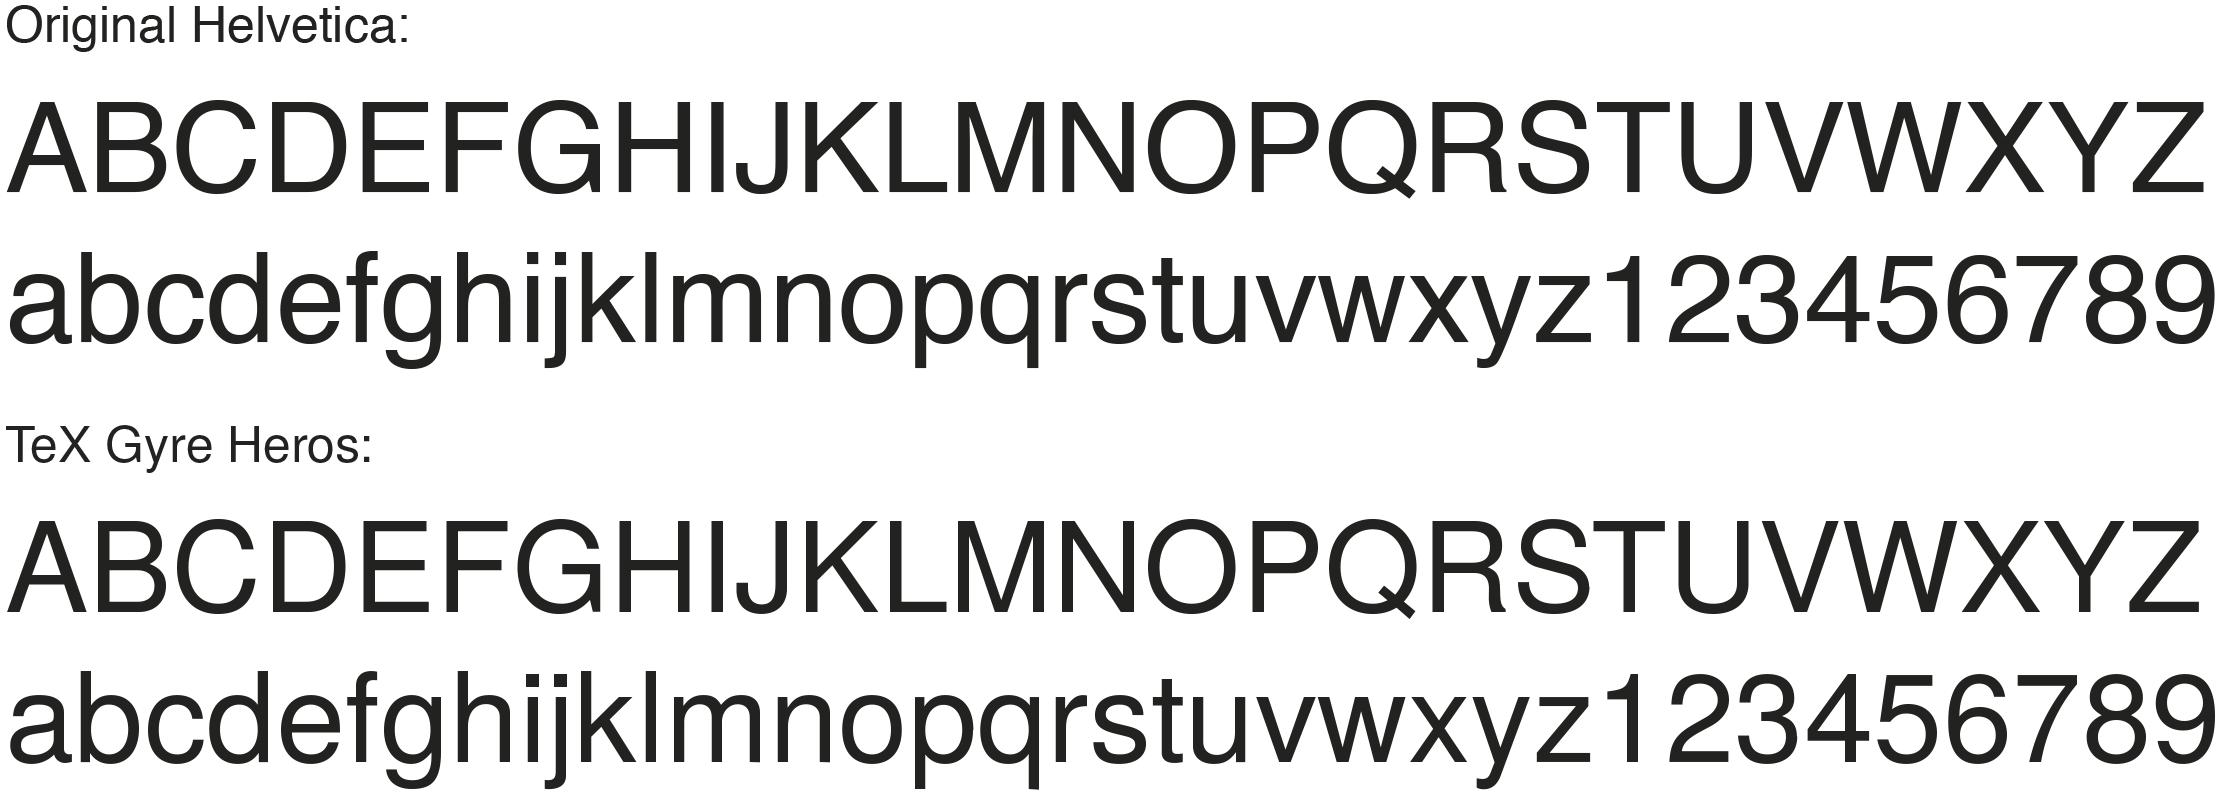 Helvetica-Heros-Nimbus